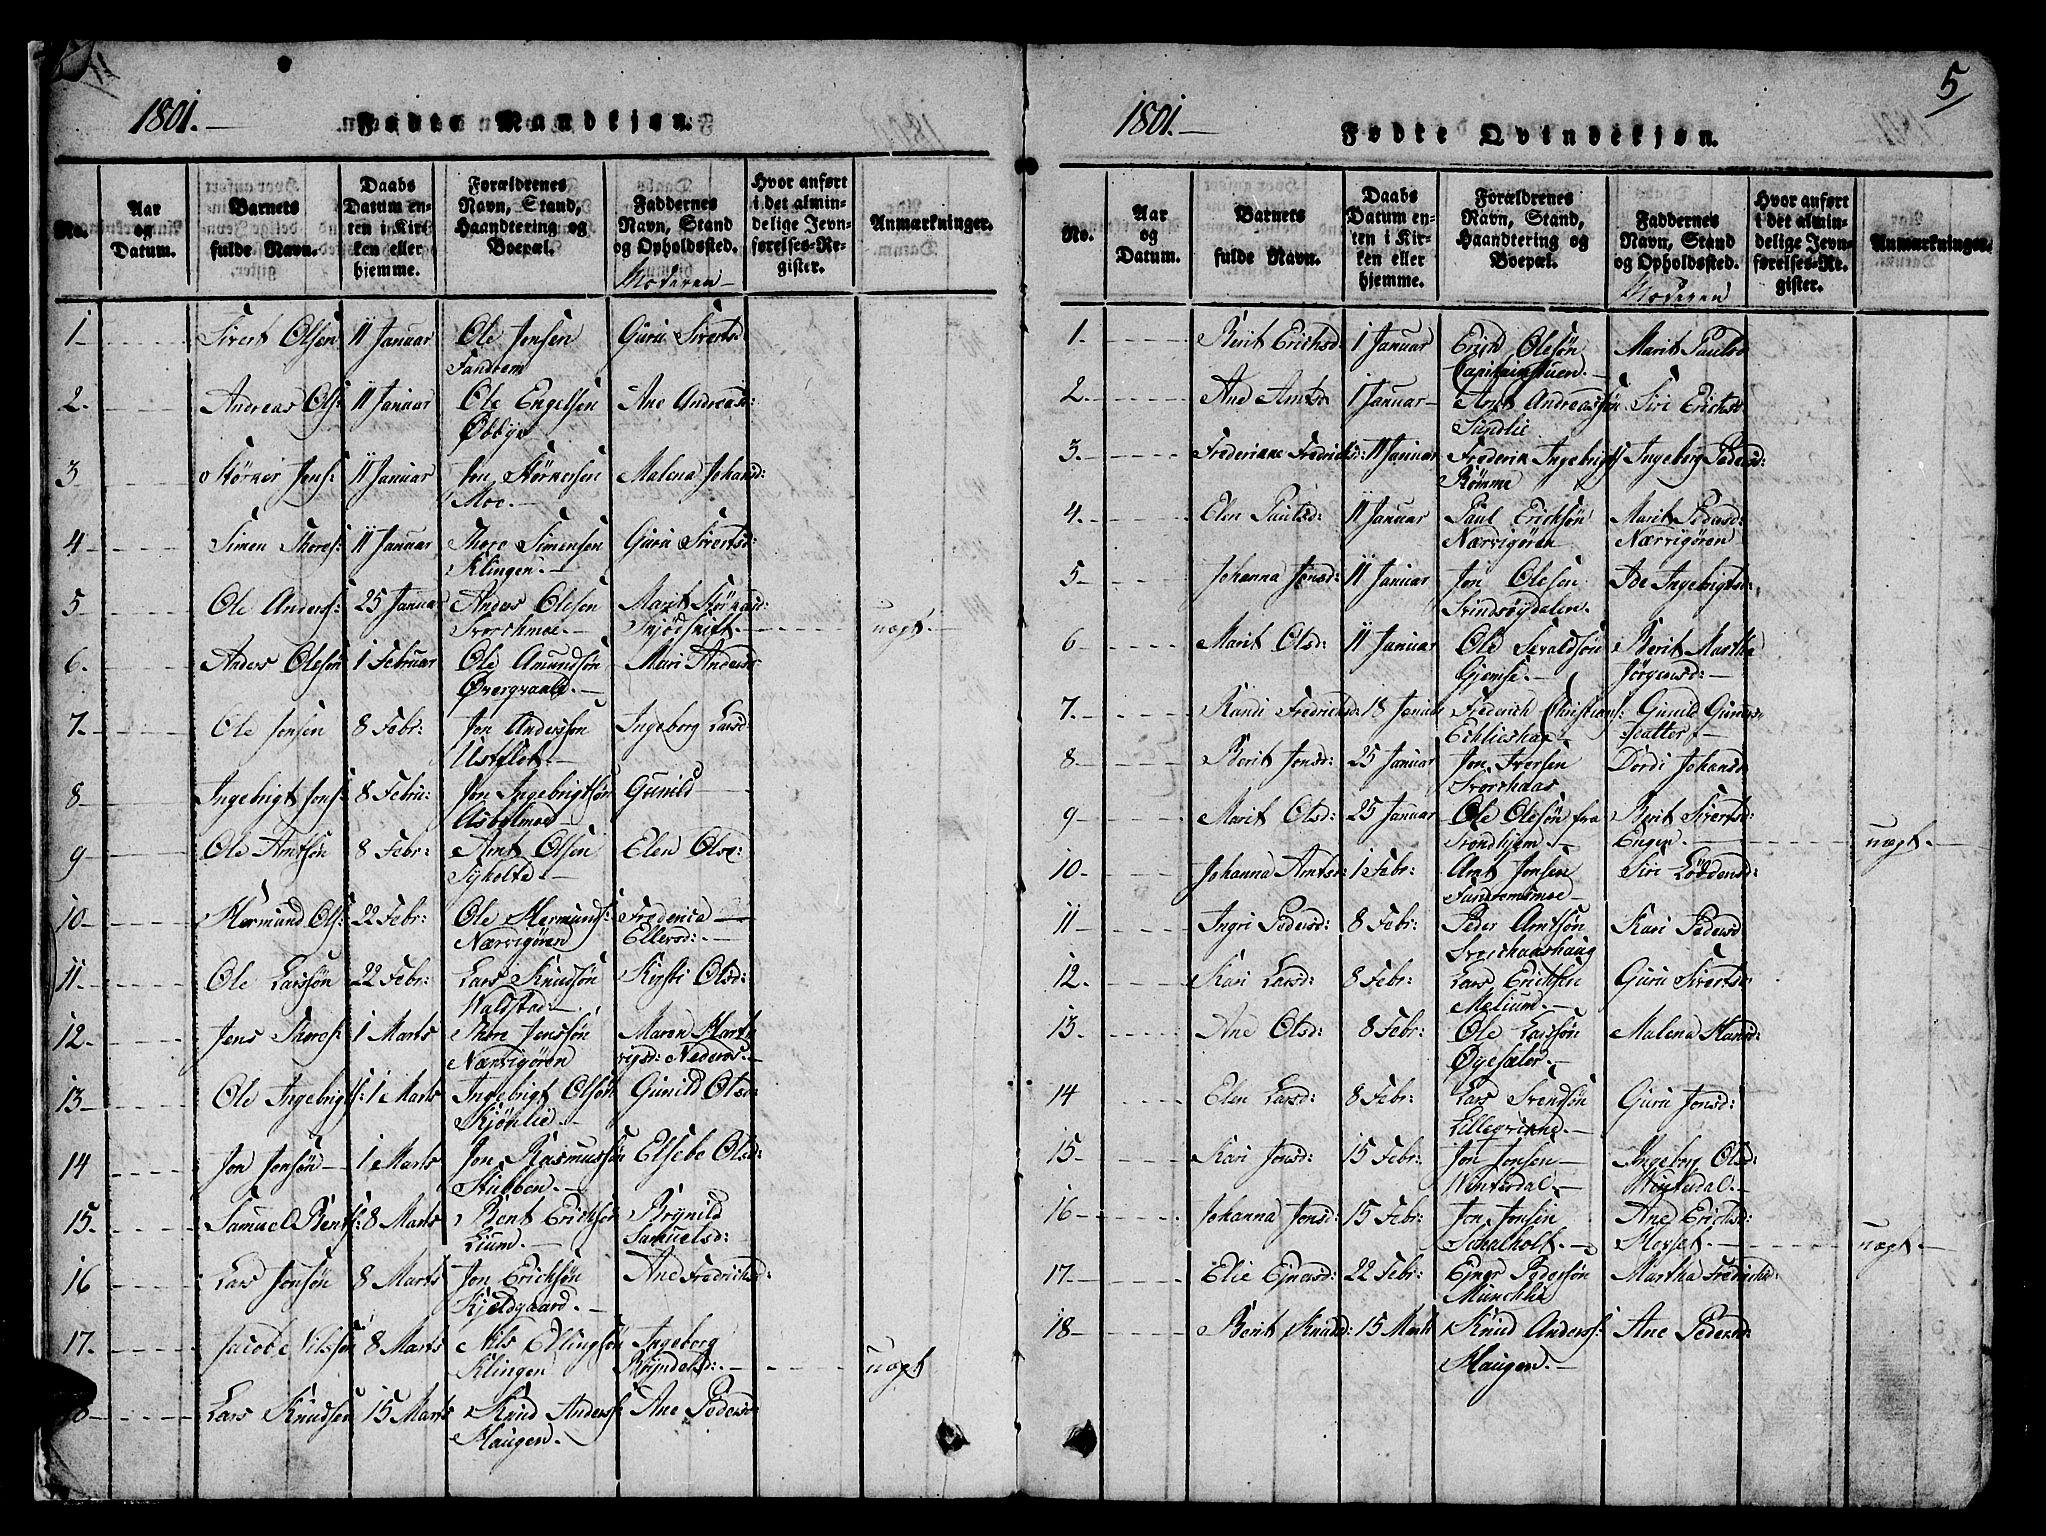 SAT, Ministerialprotokoller, klokkerbøker og fødselsregistre - Sør-Trøndelag, 668/L0803: Ministerialbok nr. 668A03, 1800-1826, s. 5